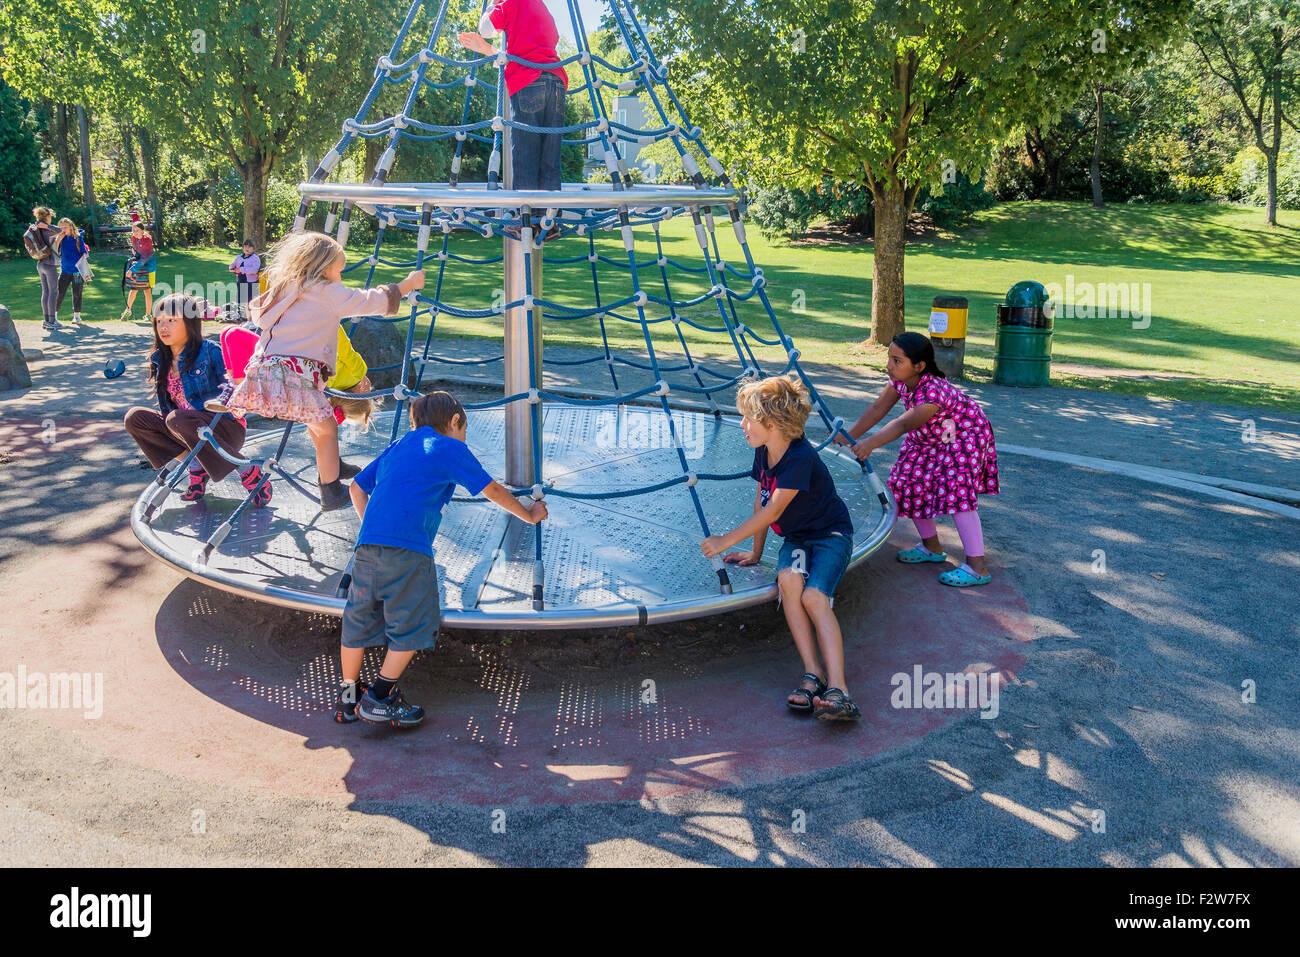 Les enfants jouent sur l'aire en rond-point Photo Stock